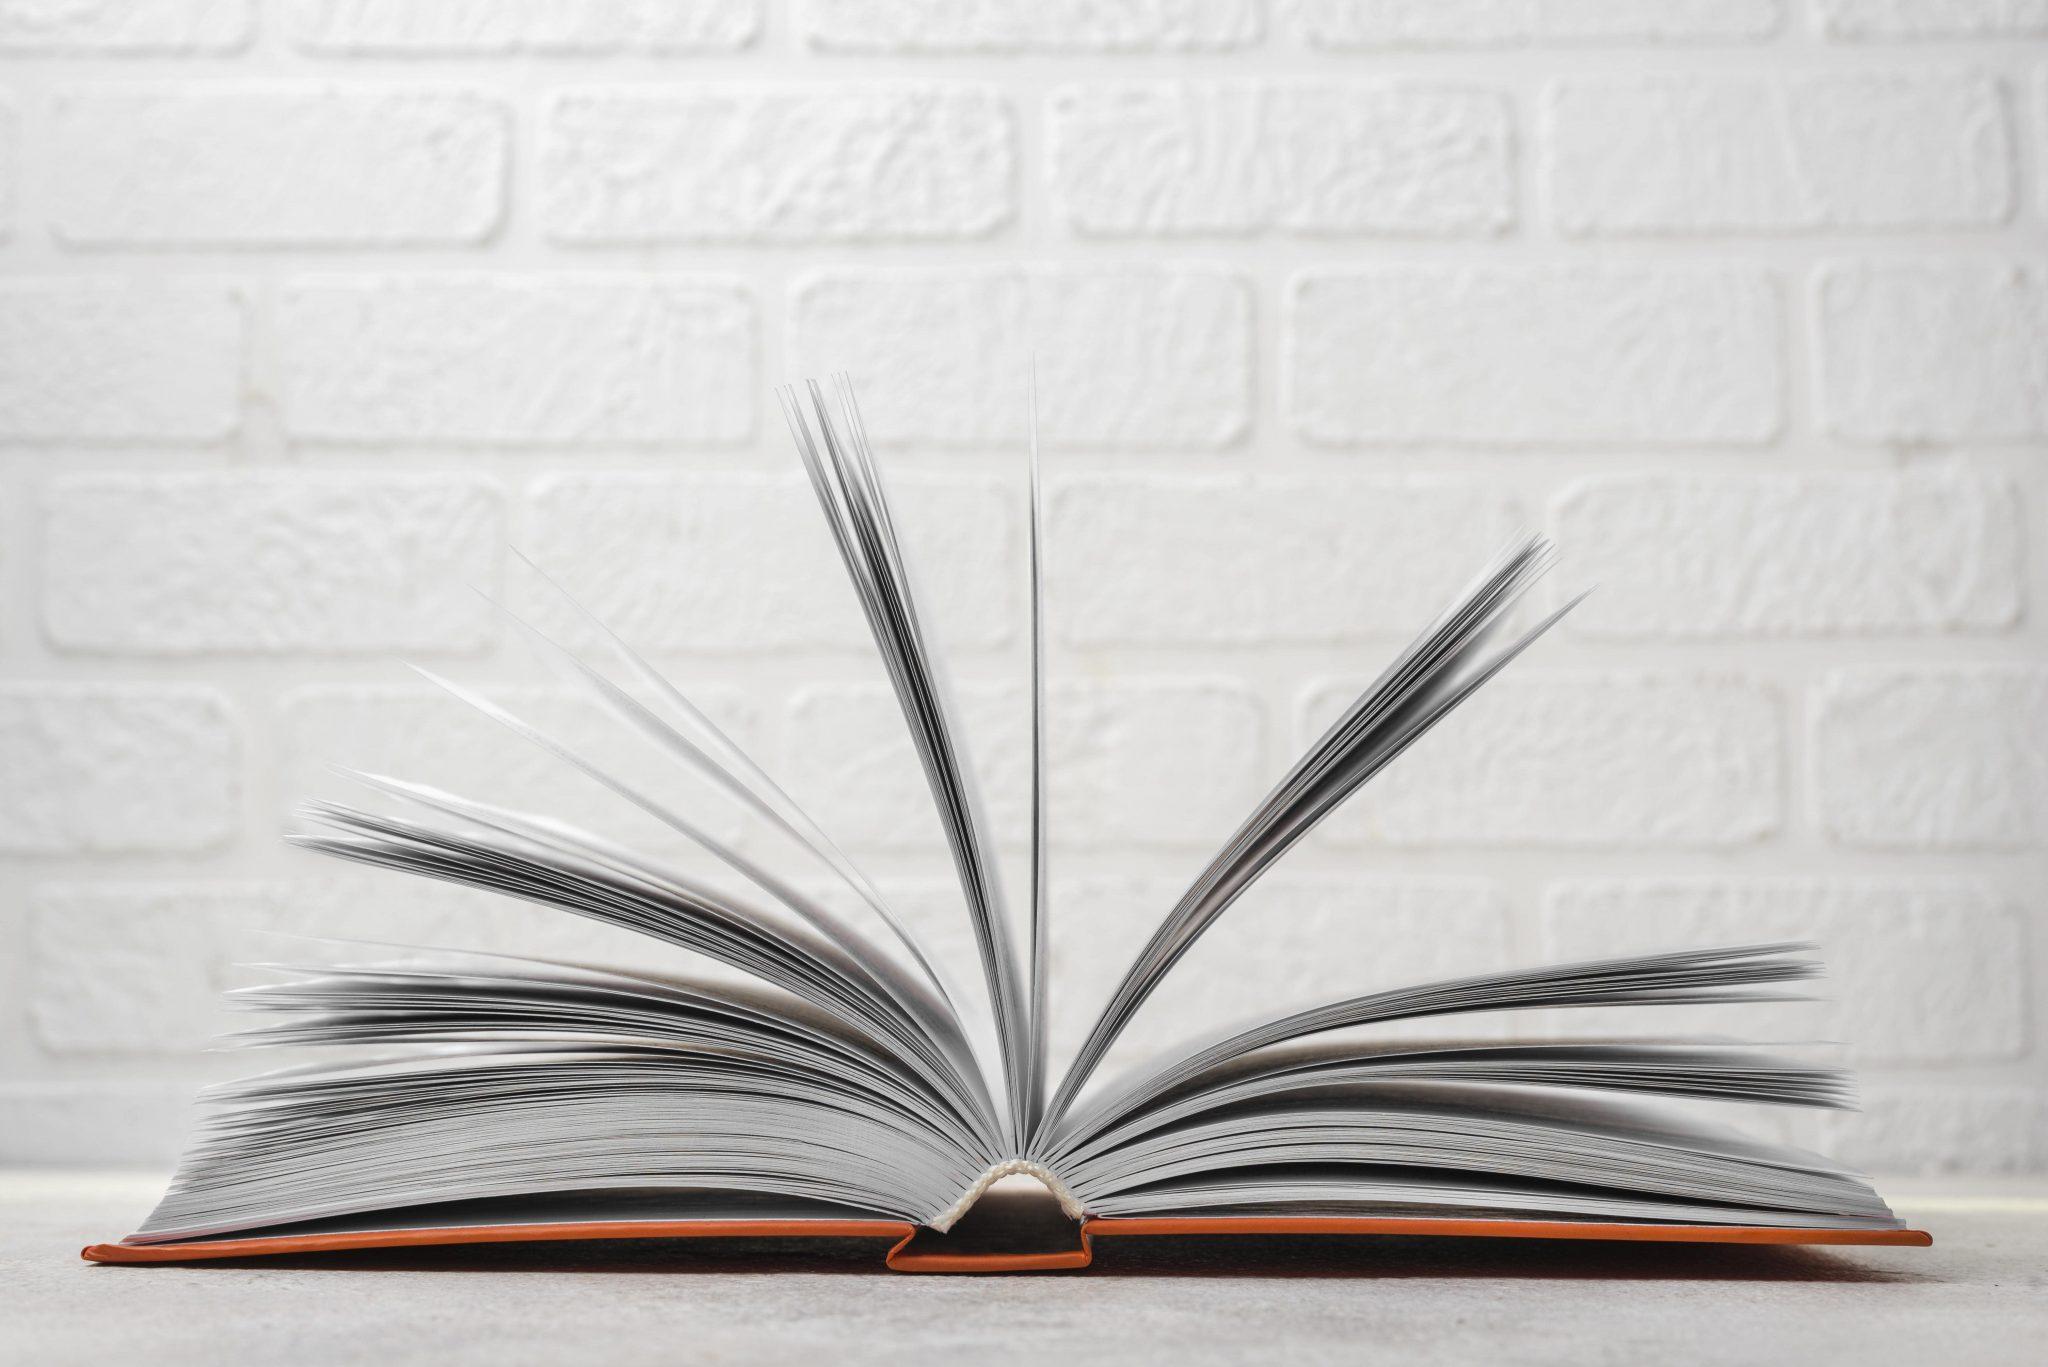 Diferencia entre sitio web y página web - Analogía con un libro